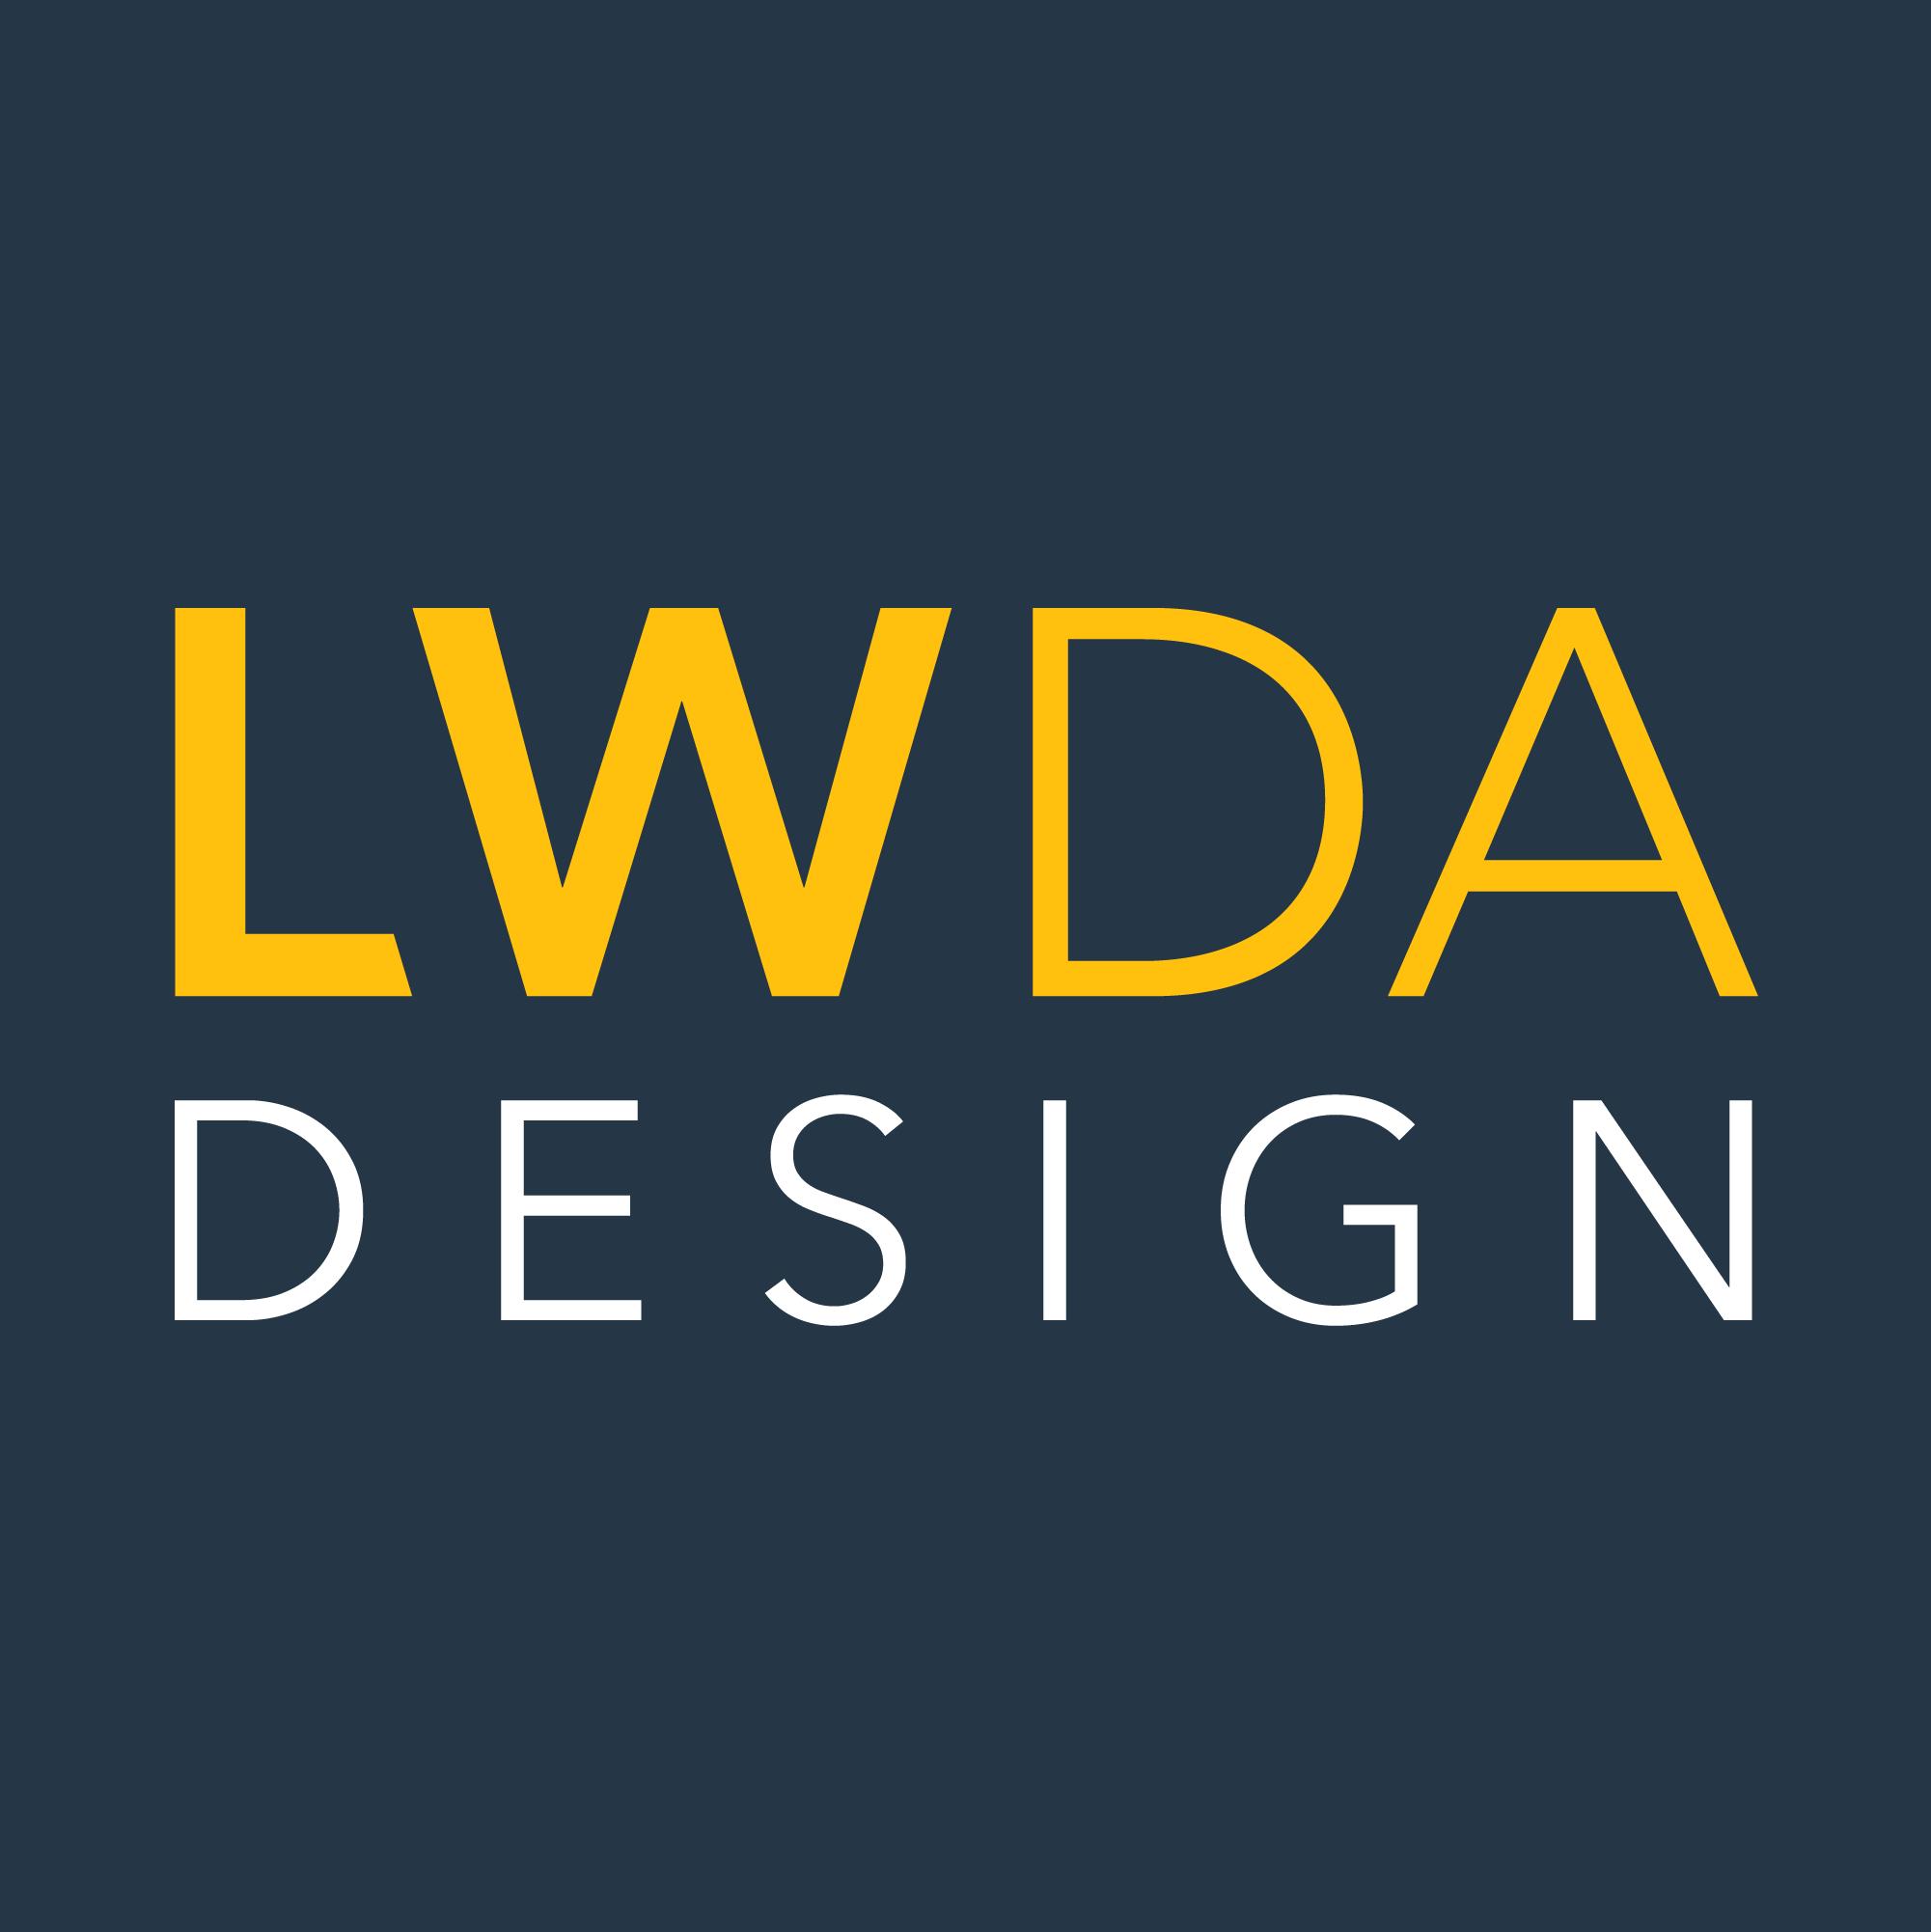 LWDA Logo